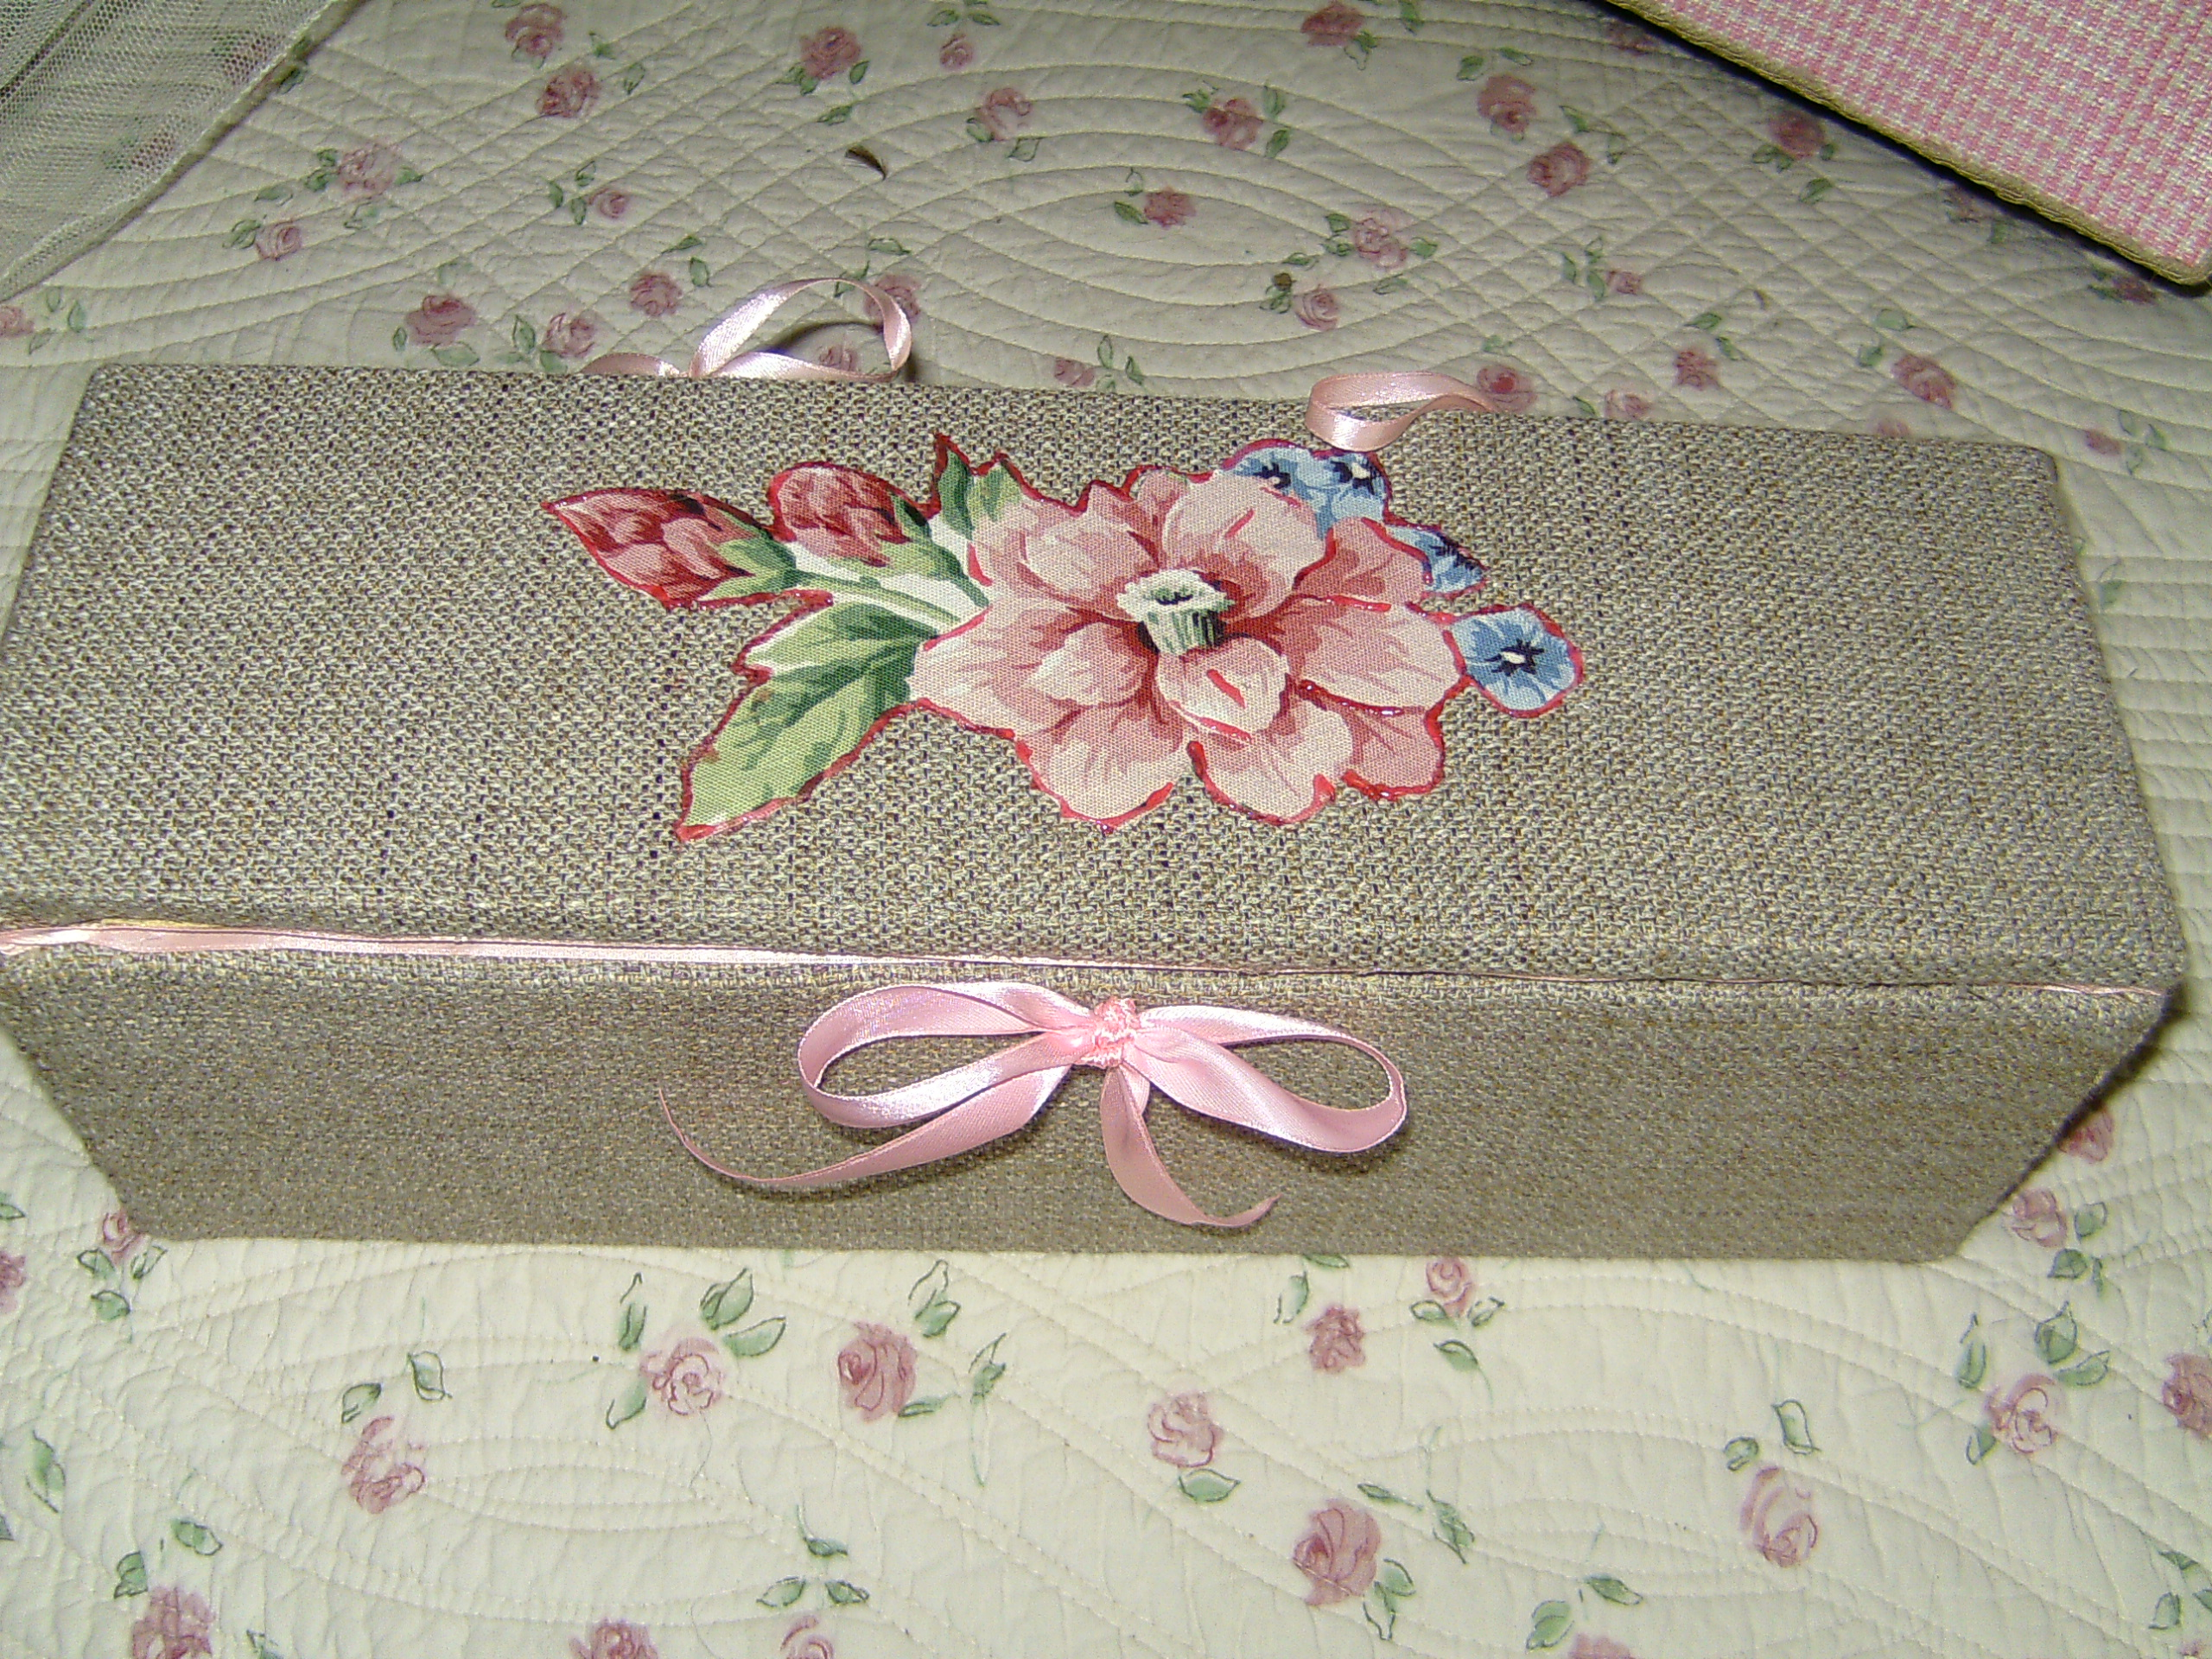 Scatole in legno rivestite in stoffa ipizzidifrancesca for Scatole per armadi in tessuto